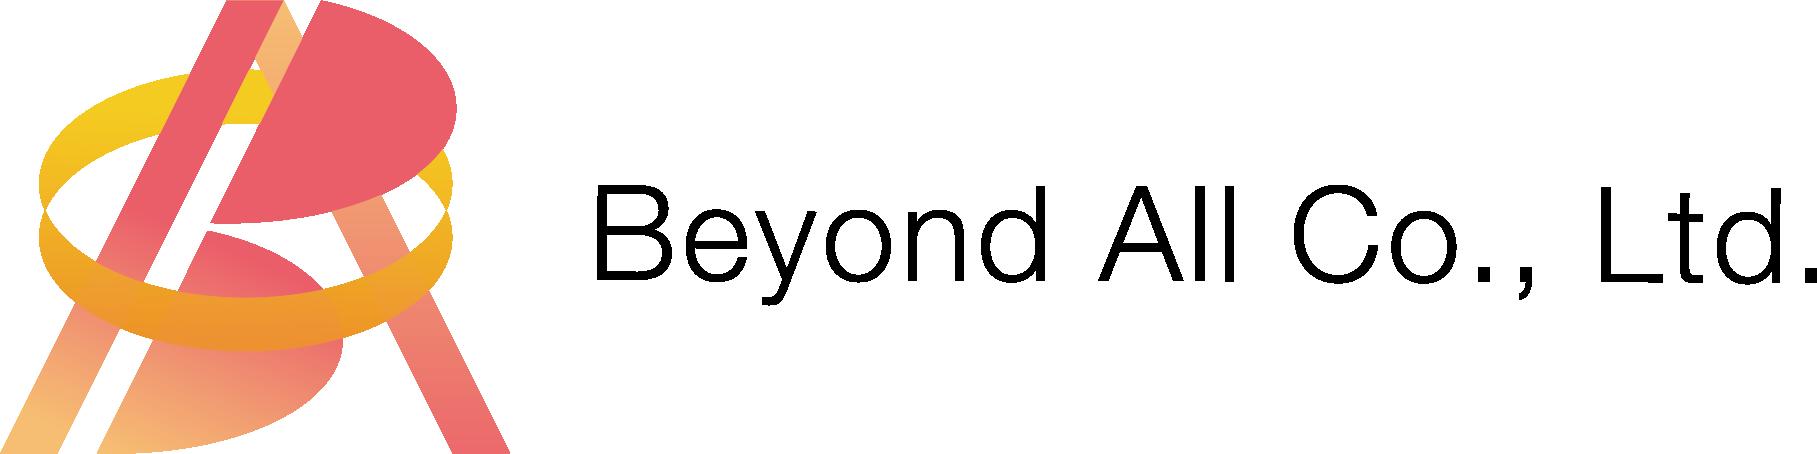 Beyond All Co., Ltd. Logo